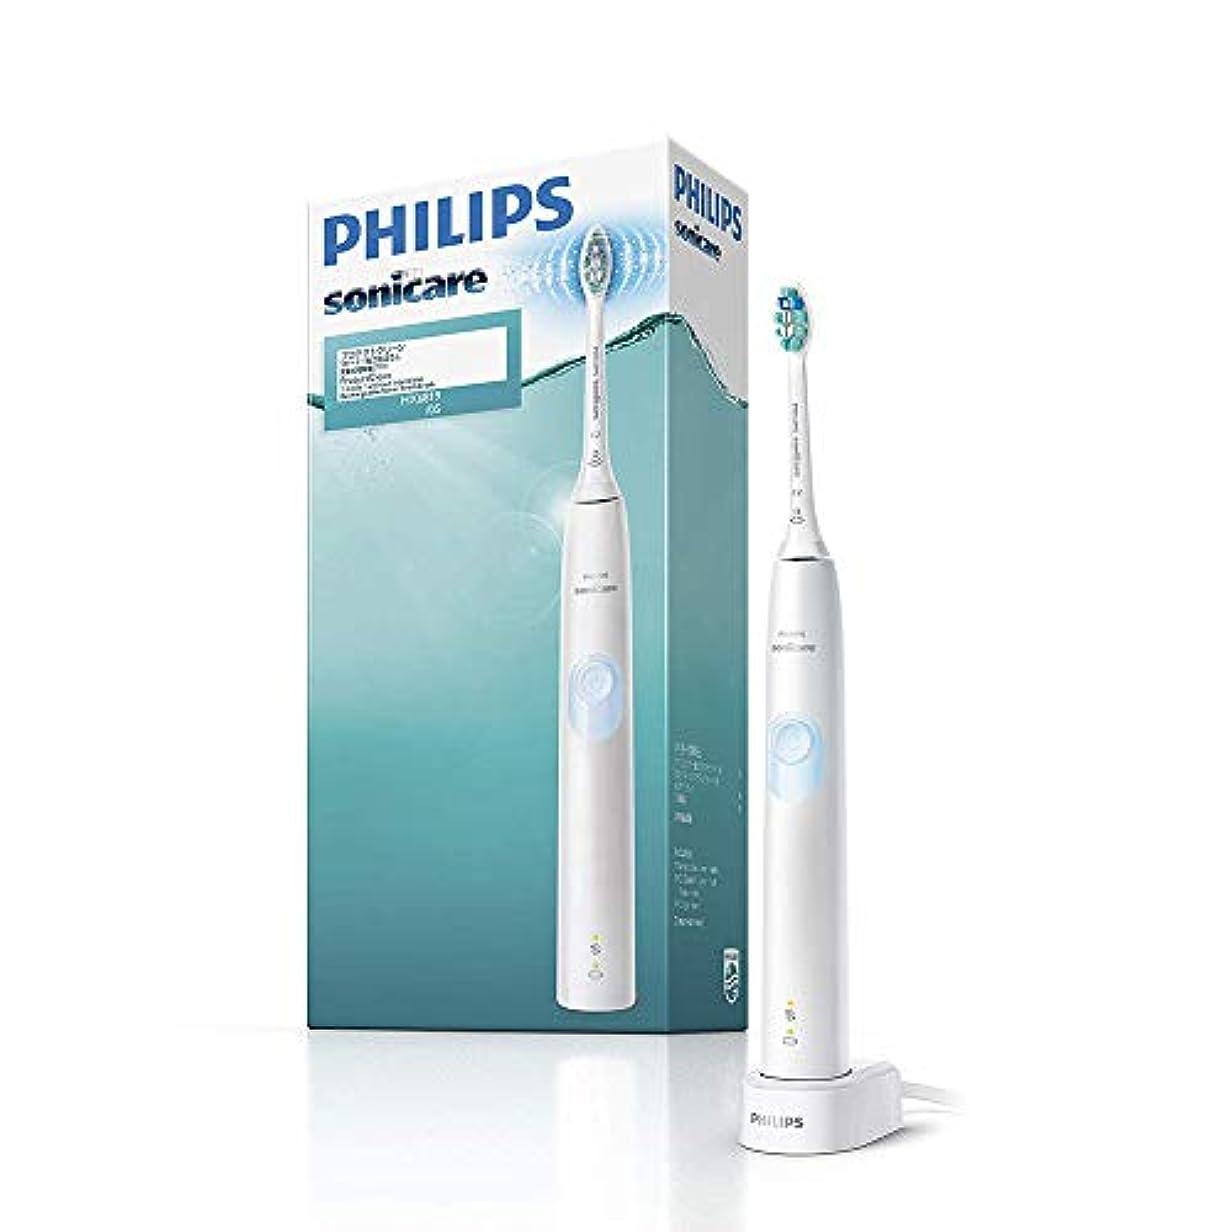 コーヒーヒギンズライブ【Amazon.co.jp限定】フィリップス ソニッケアー プロテクトクリーン ホワイトライトブルー 電動歯ブラシ 強さ設定なし HX6819/05